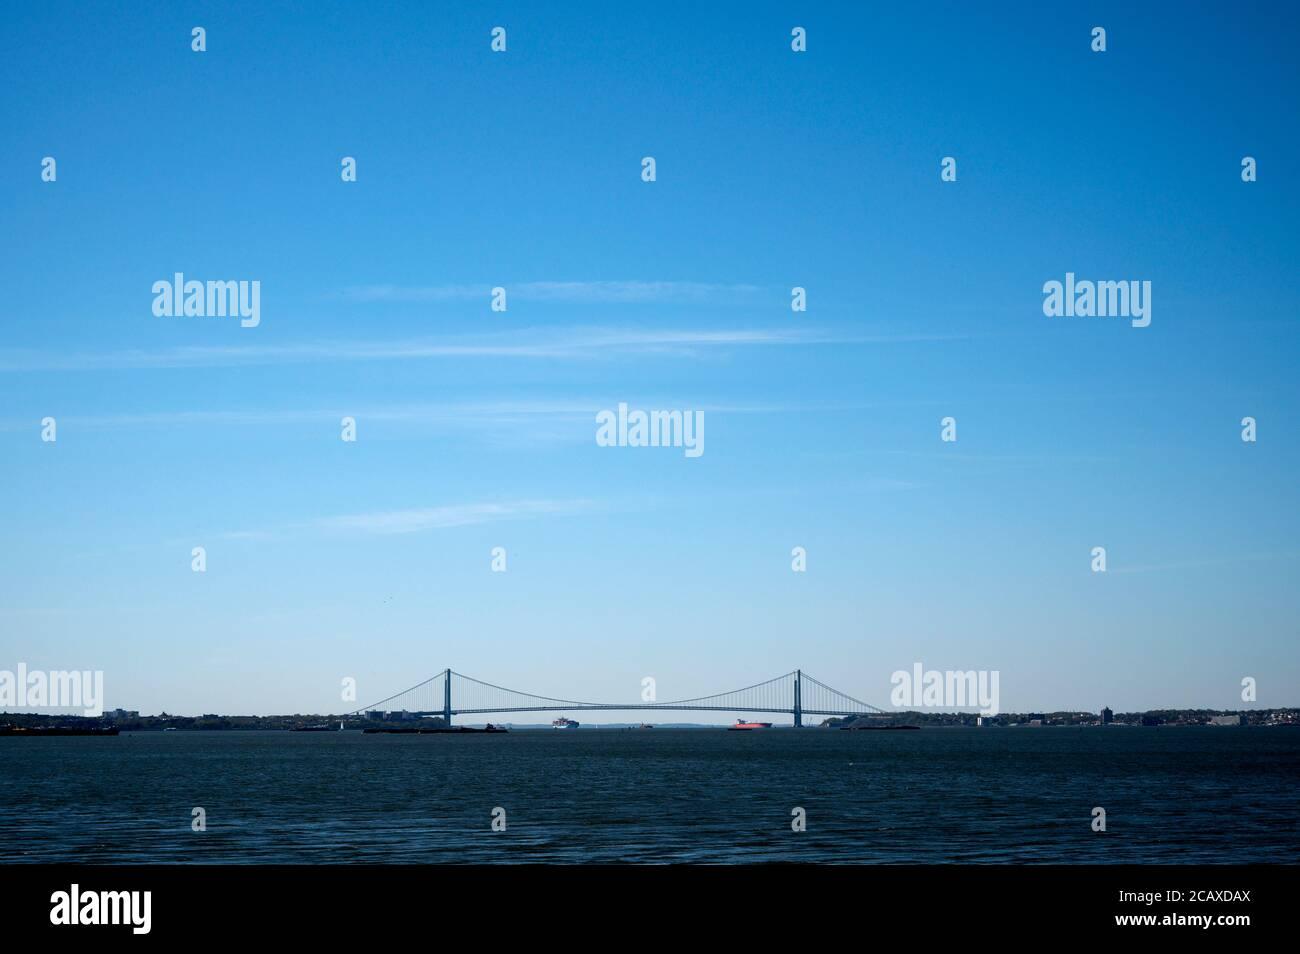 NY harbor and Verrazzano Narrows Bridge views from Liberty State Park. Jersey City, NJ. Stock Photo